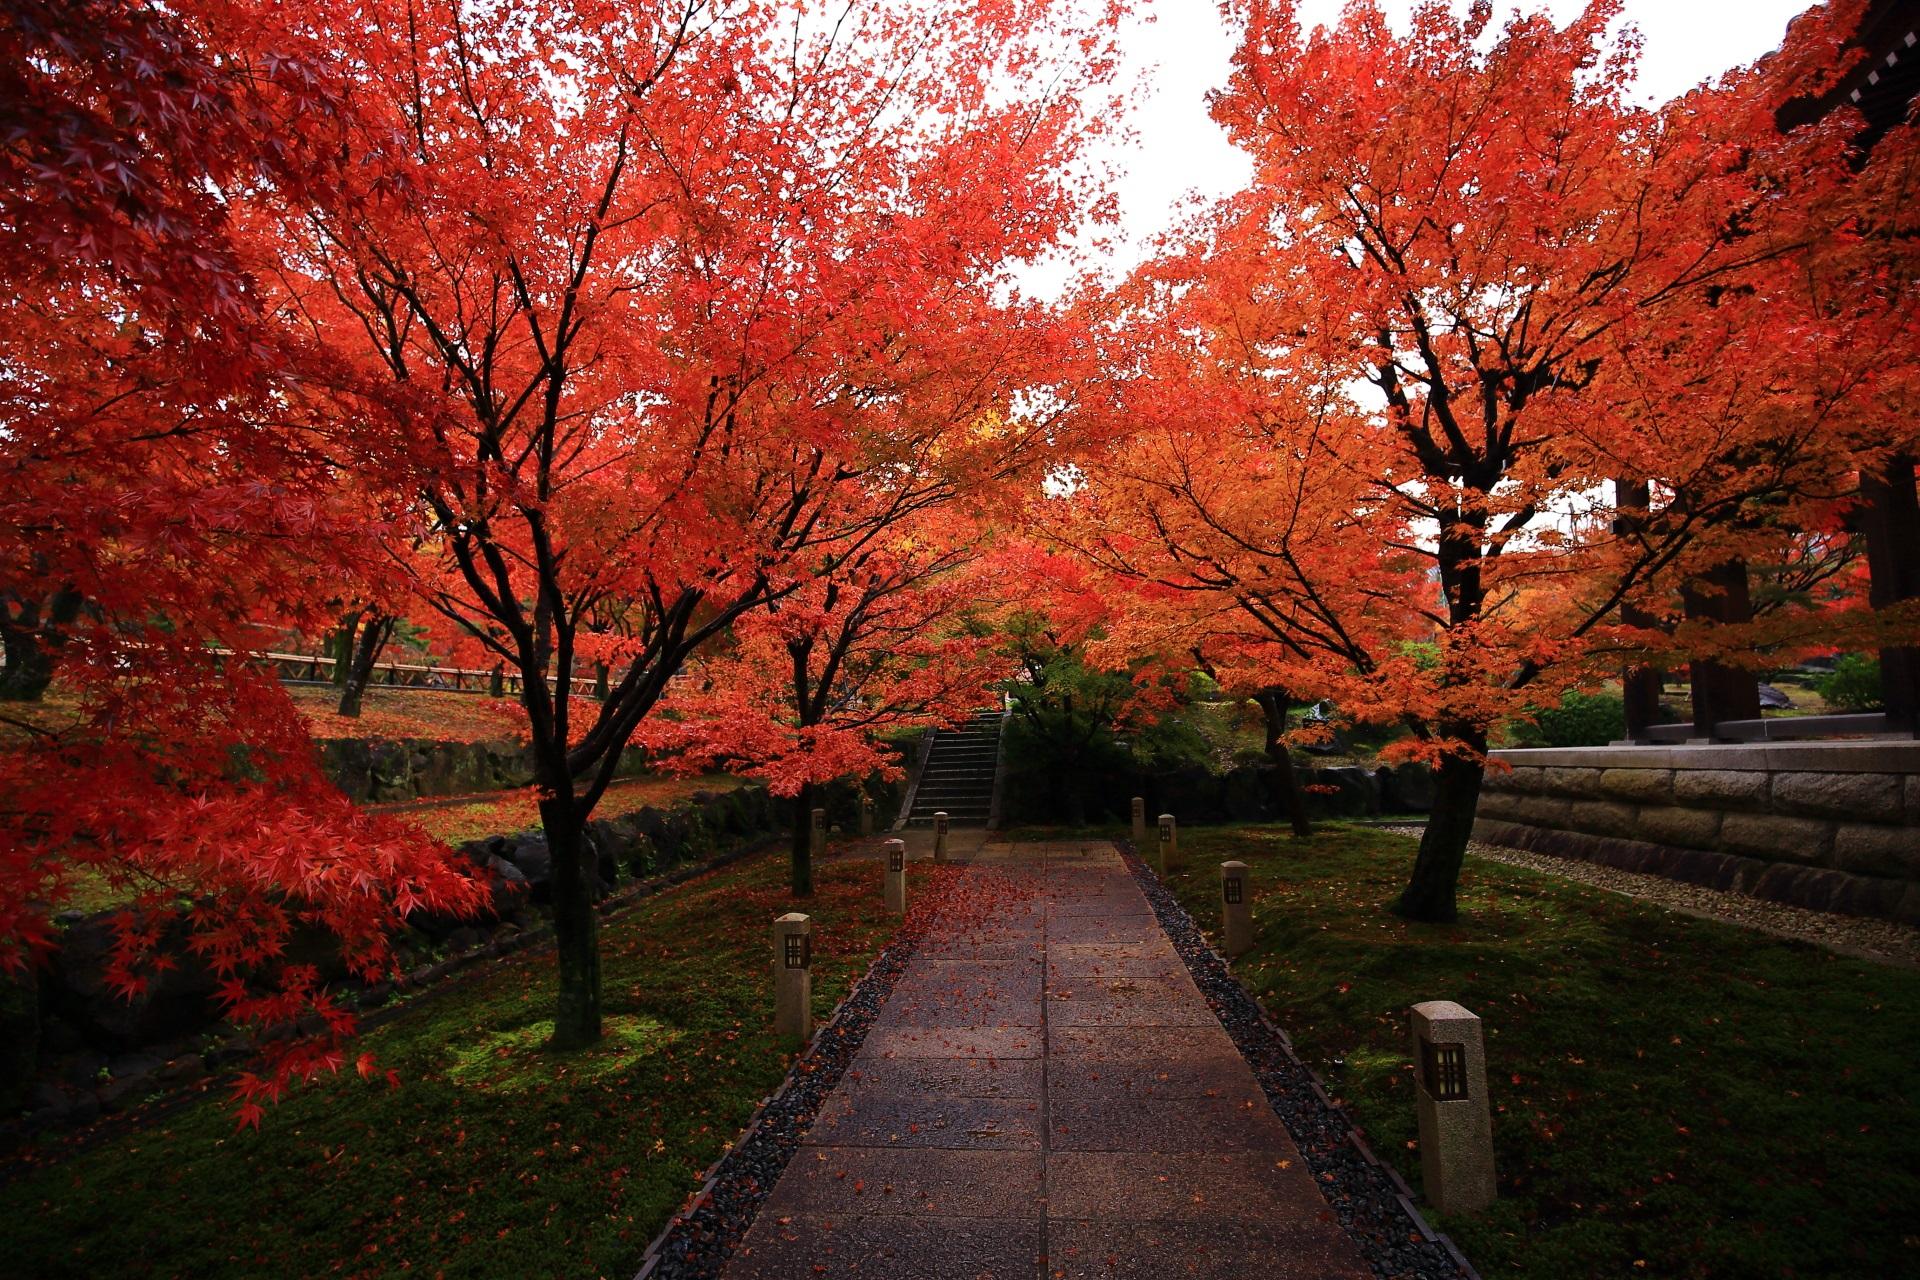 智積院の鐘楼横の息をのむ圧巻の紅葉の参道